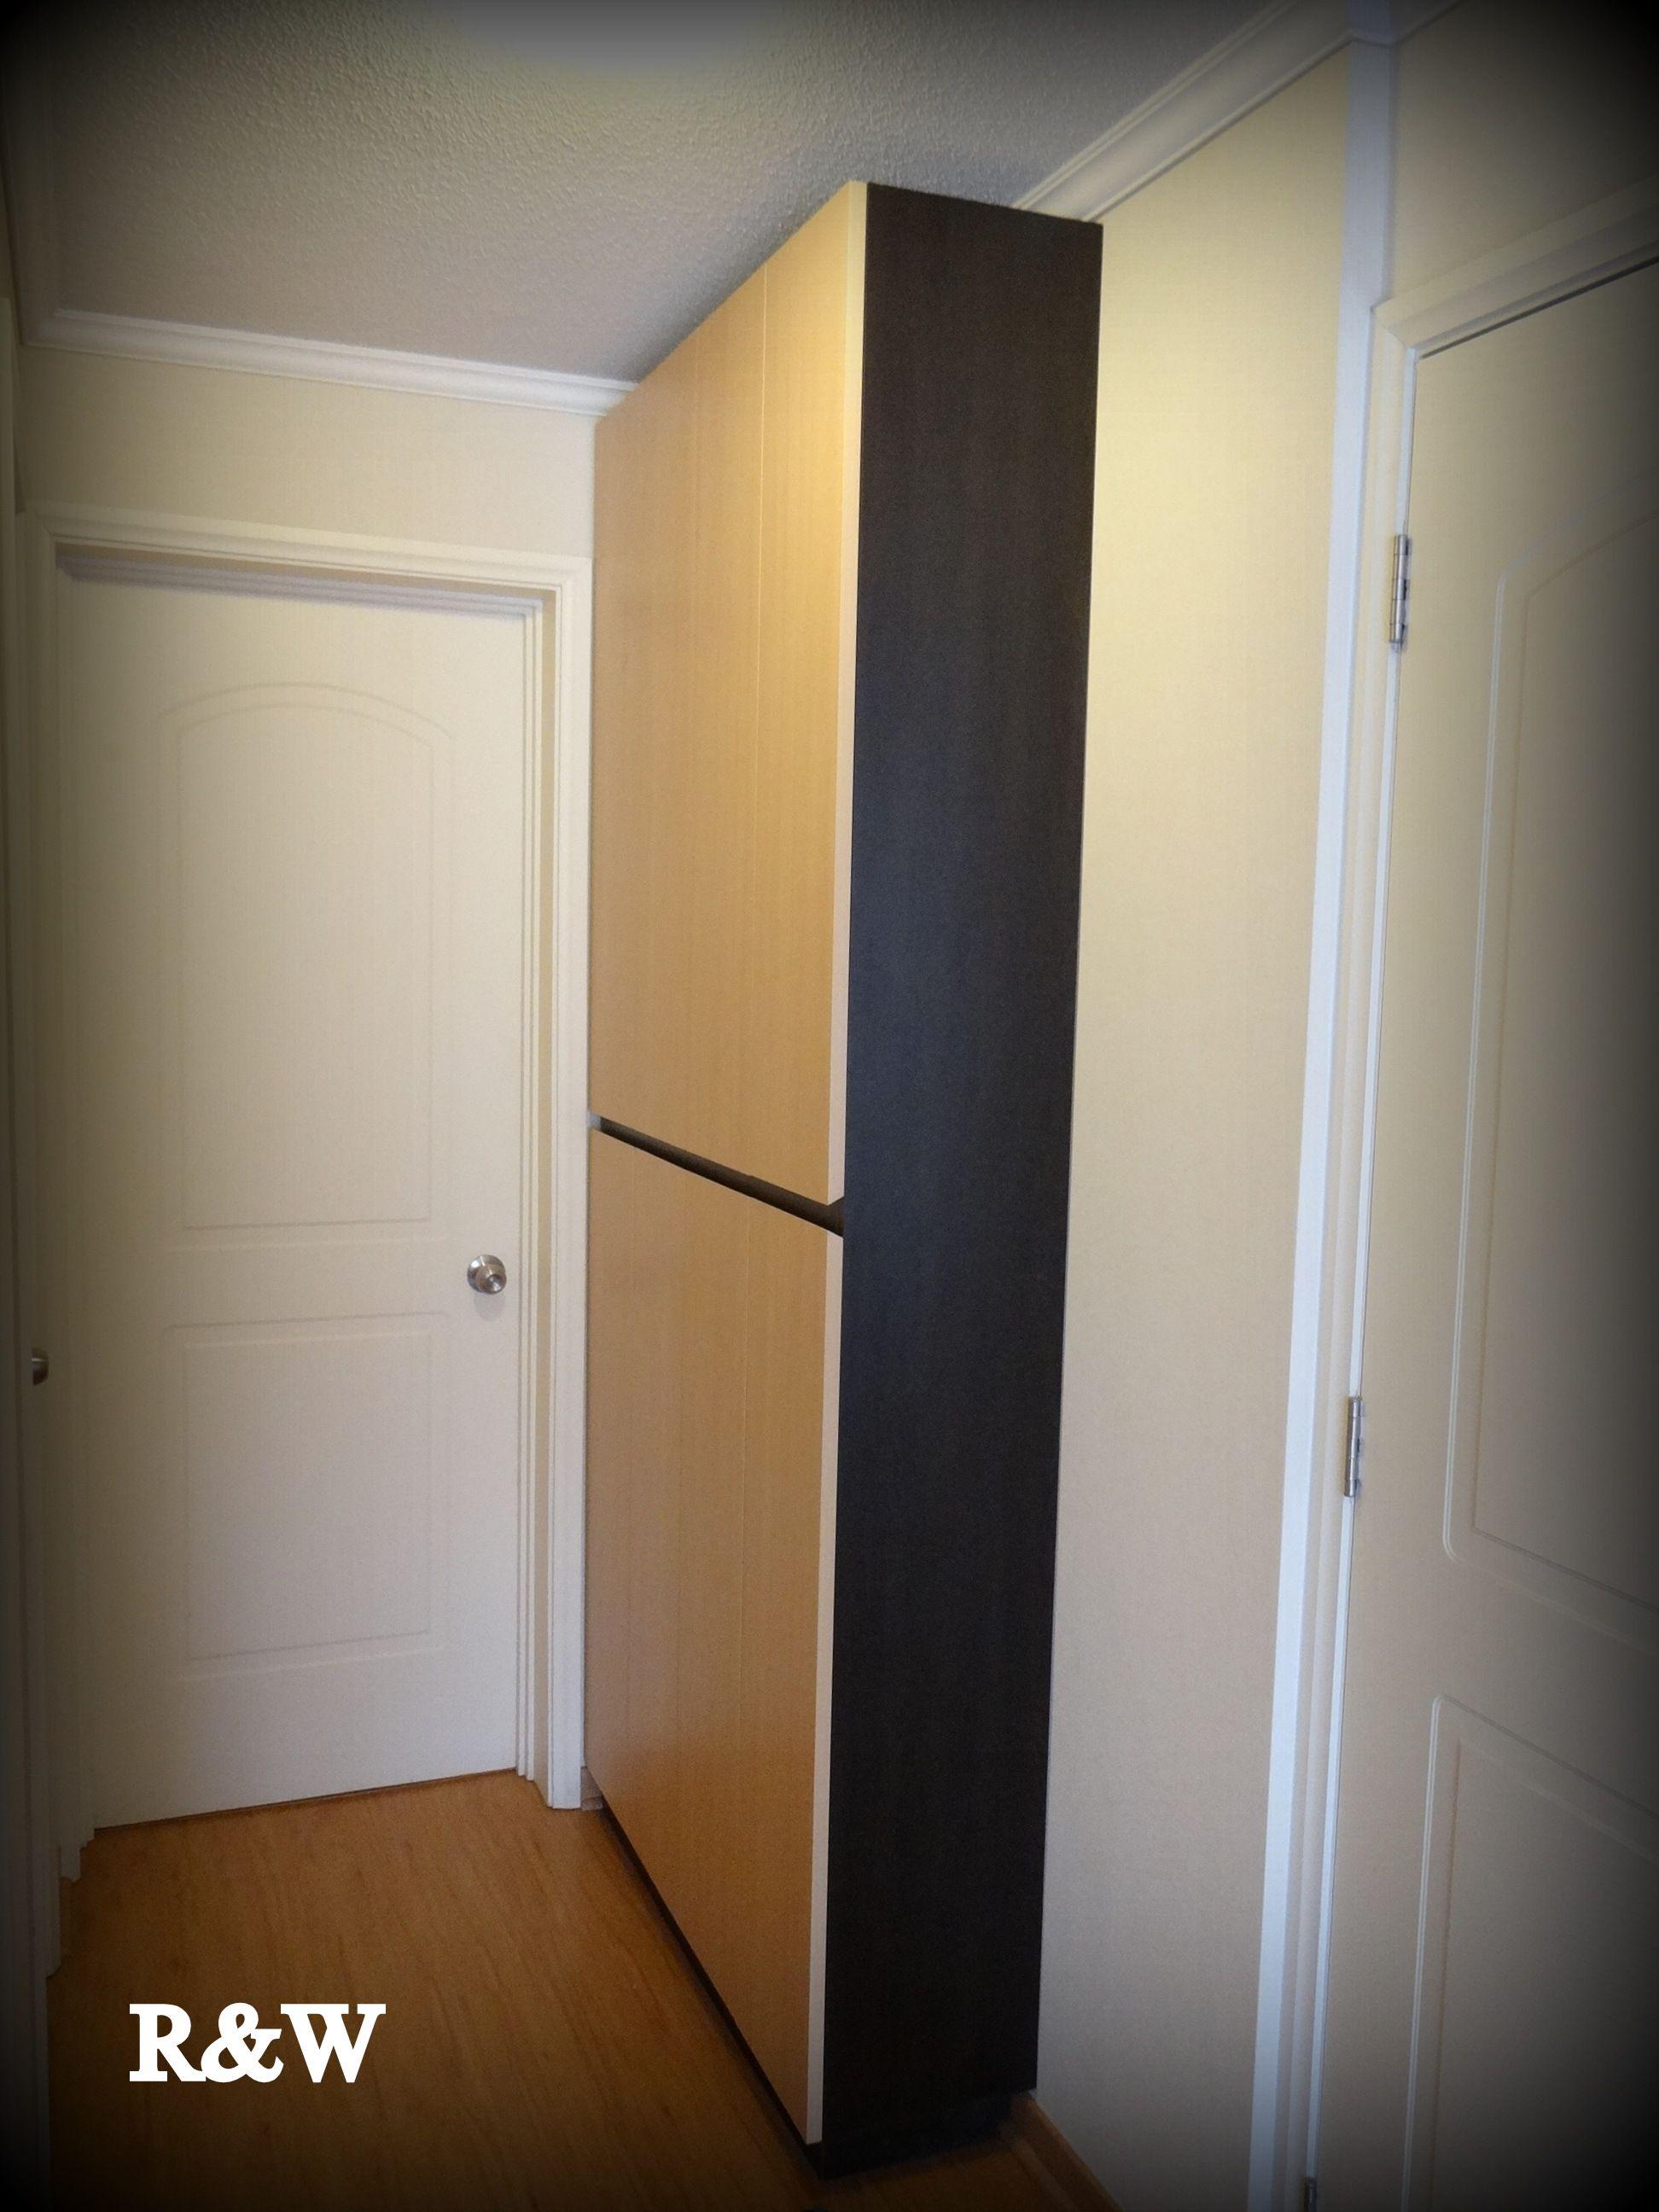 Mueble closet enchapado, muy angosto para el guardado de toallas y ...